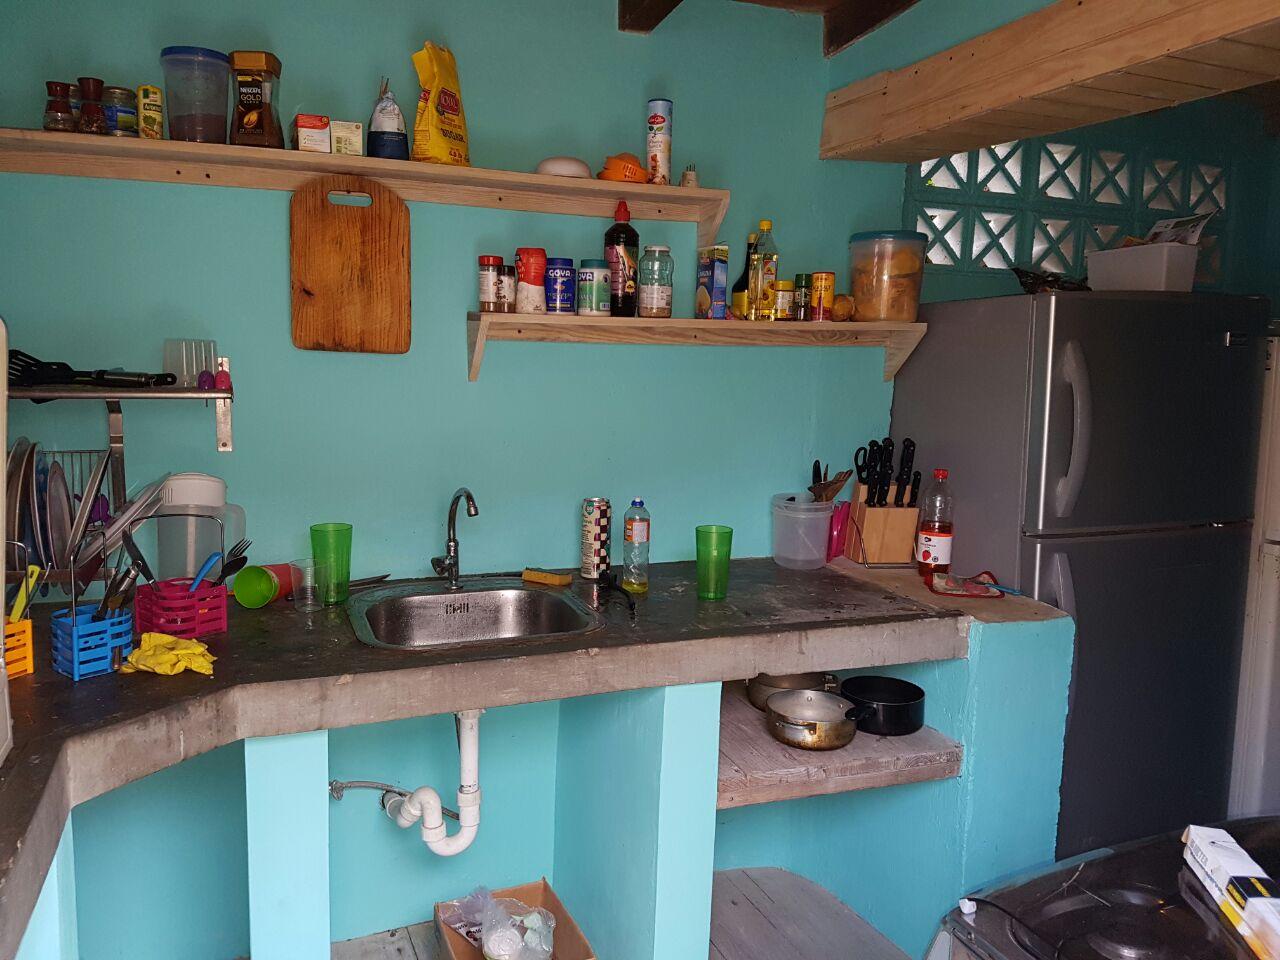 Studentenhuis_Curacao_keuken met drie koelkasten